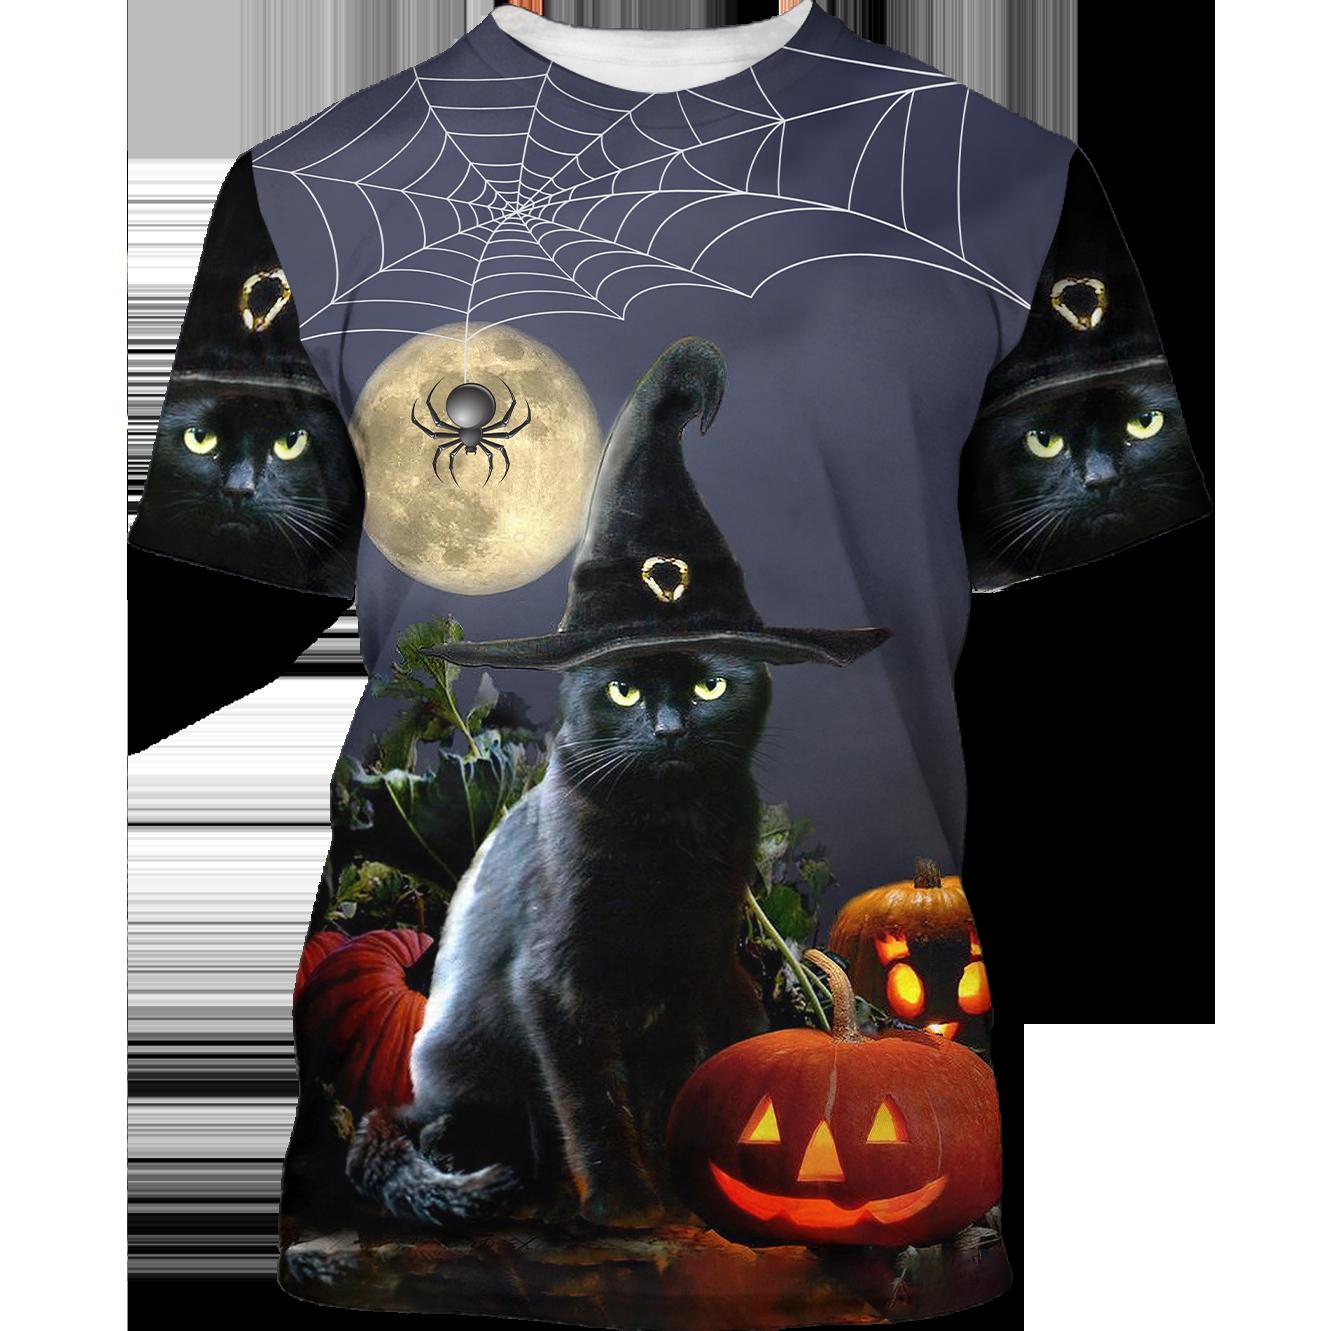 Black Cat aBlack Cat and Spider Happy Halloween 3D Shirtnd Spider Happy Halloween 3D Shirt